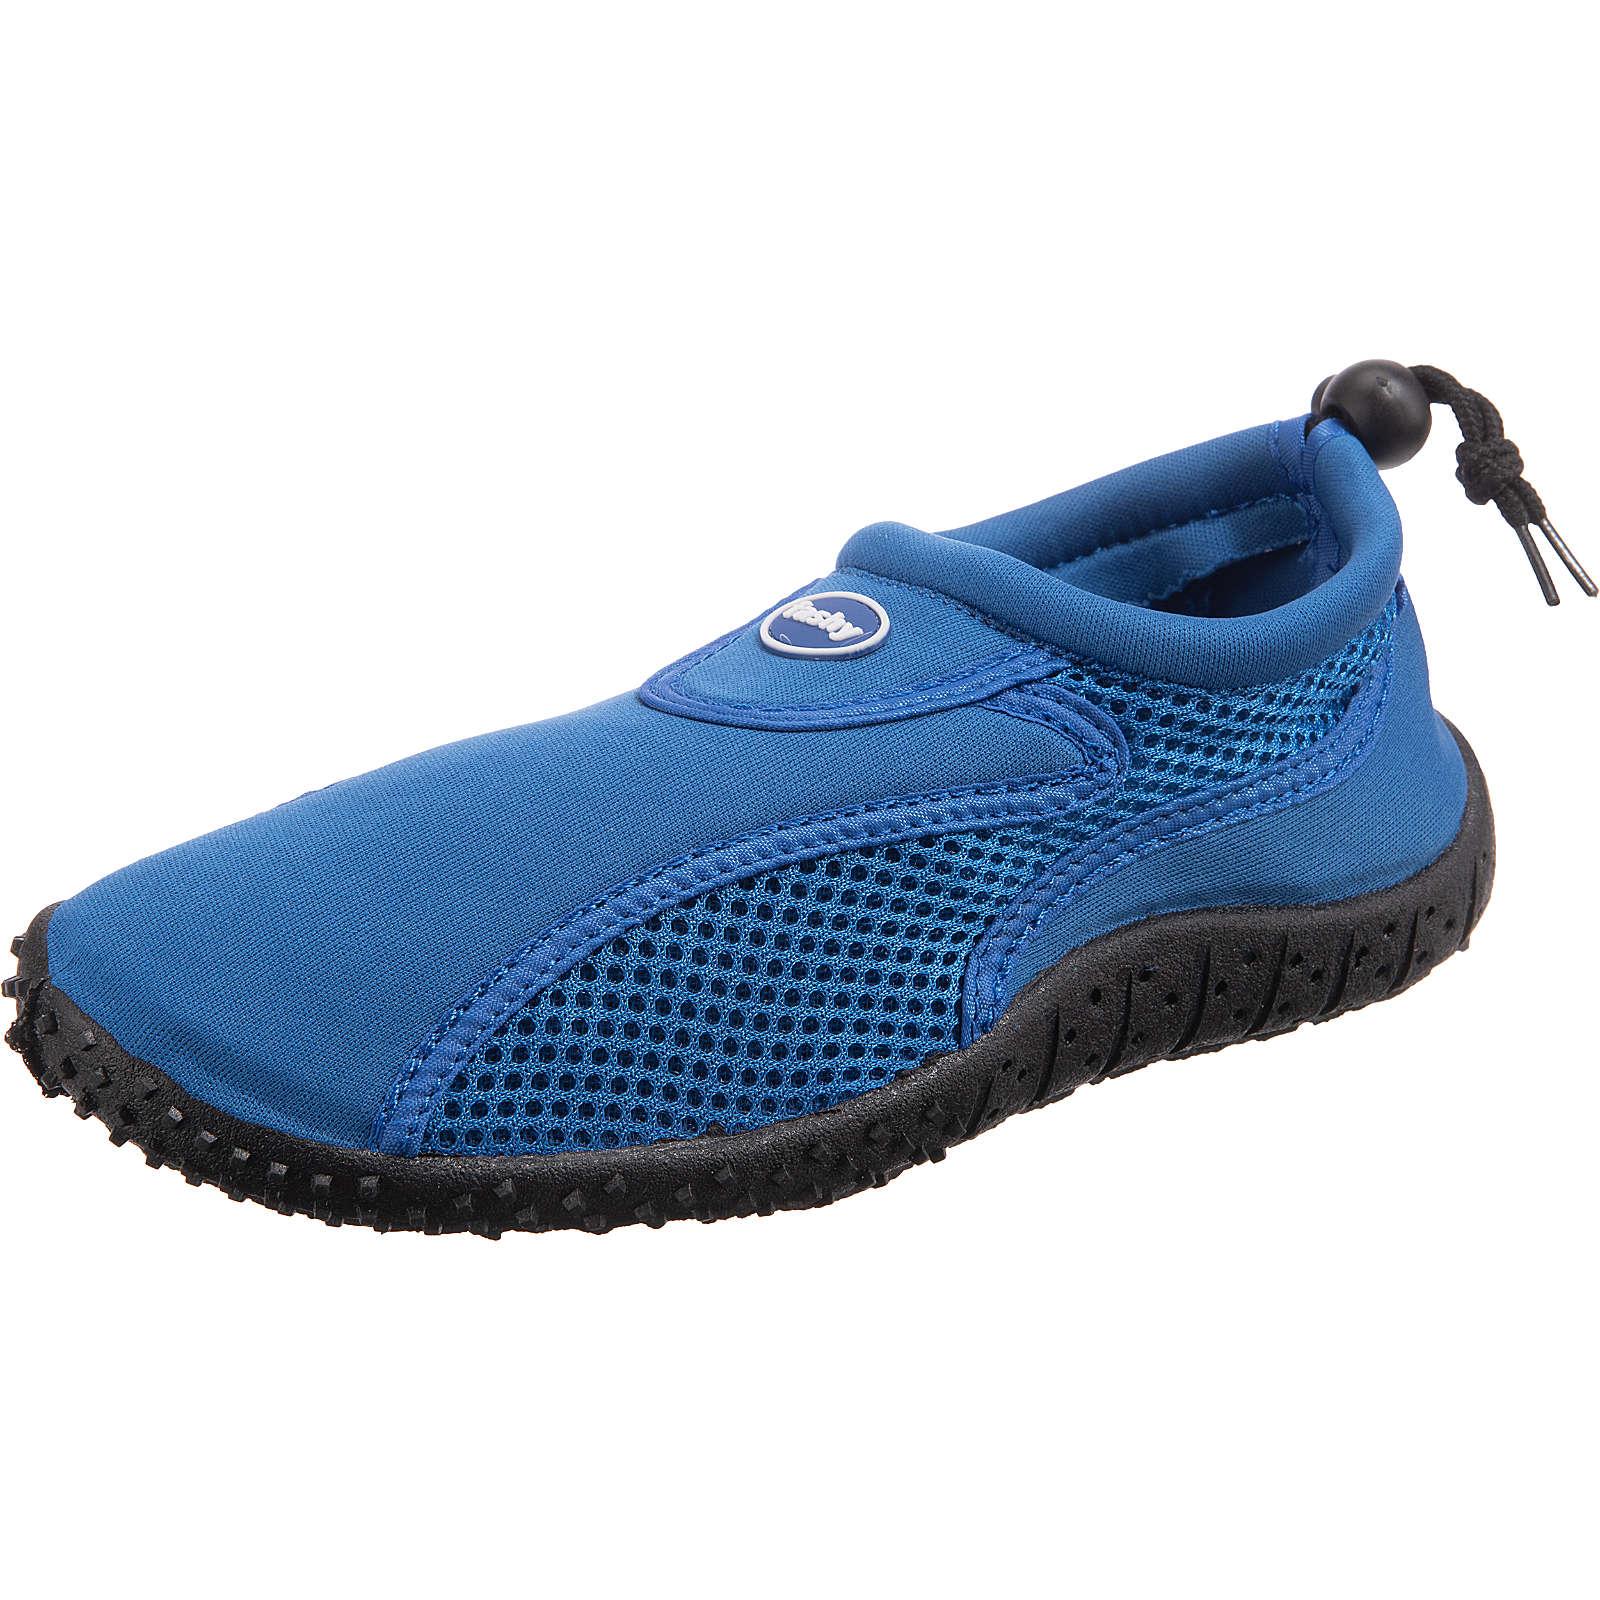 fashy Aqua-Schuh Cubagua Badeschuhe blau Gr. 45